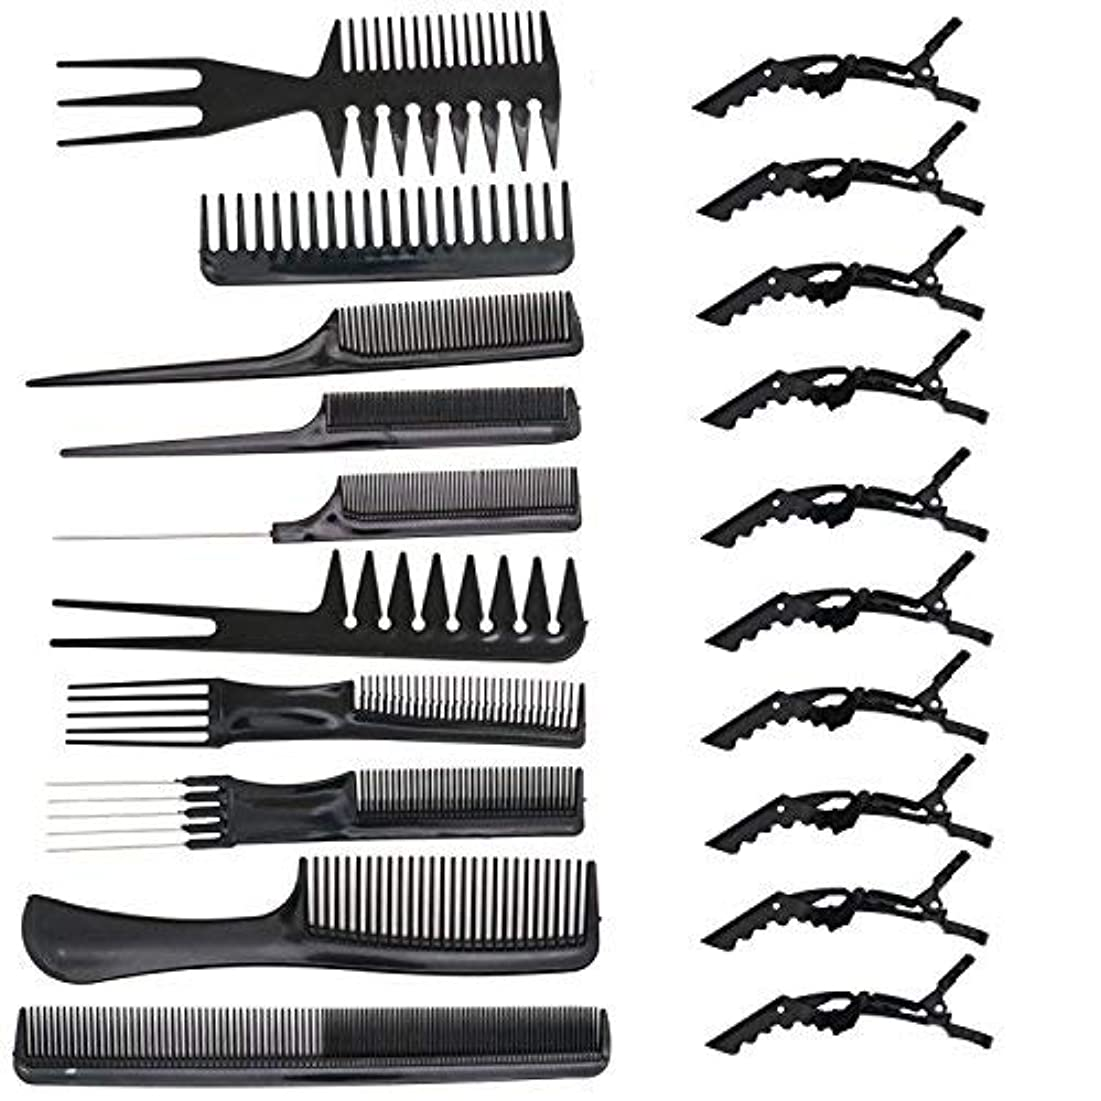 デンプシー費用スマッシュHUELE 10 Pcs Professional Hair Styling Comb with Styling Clips Hair Salon Styling Barbers Set Kit [並行輸入品]